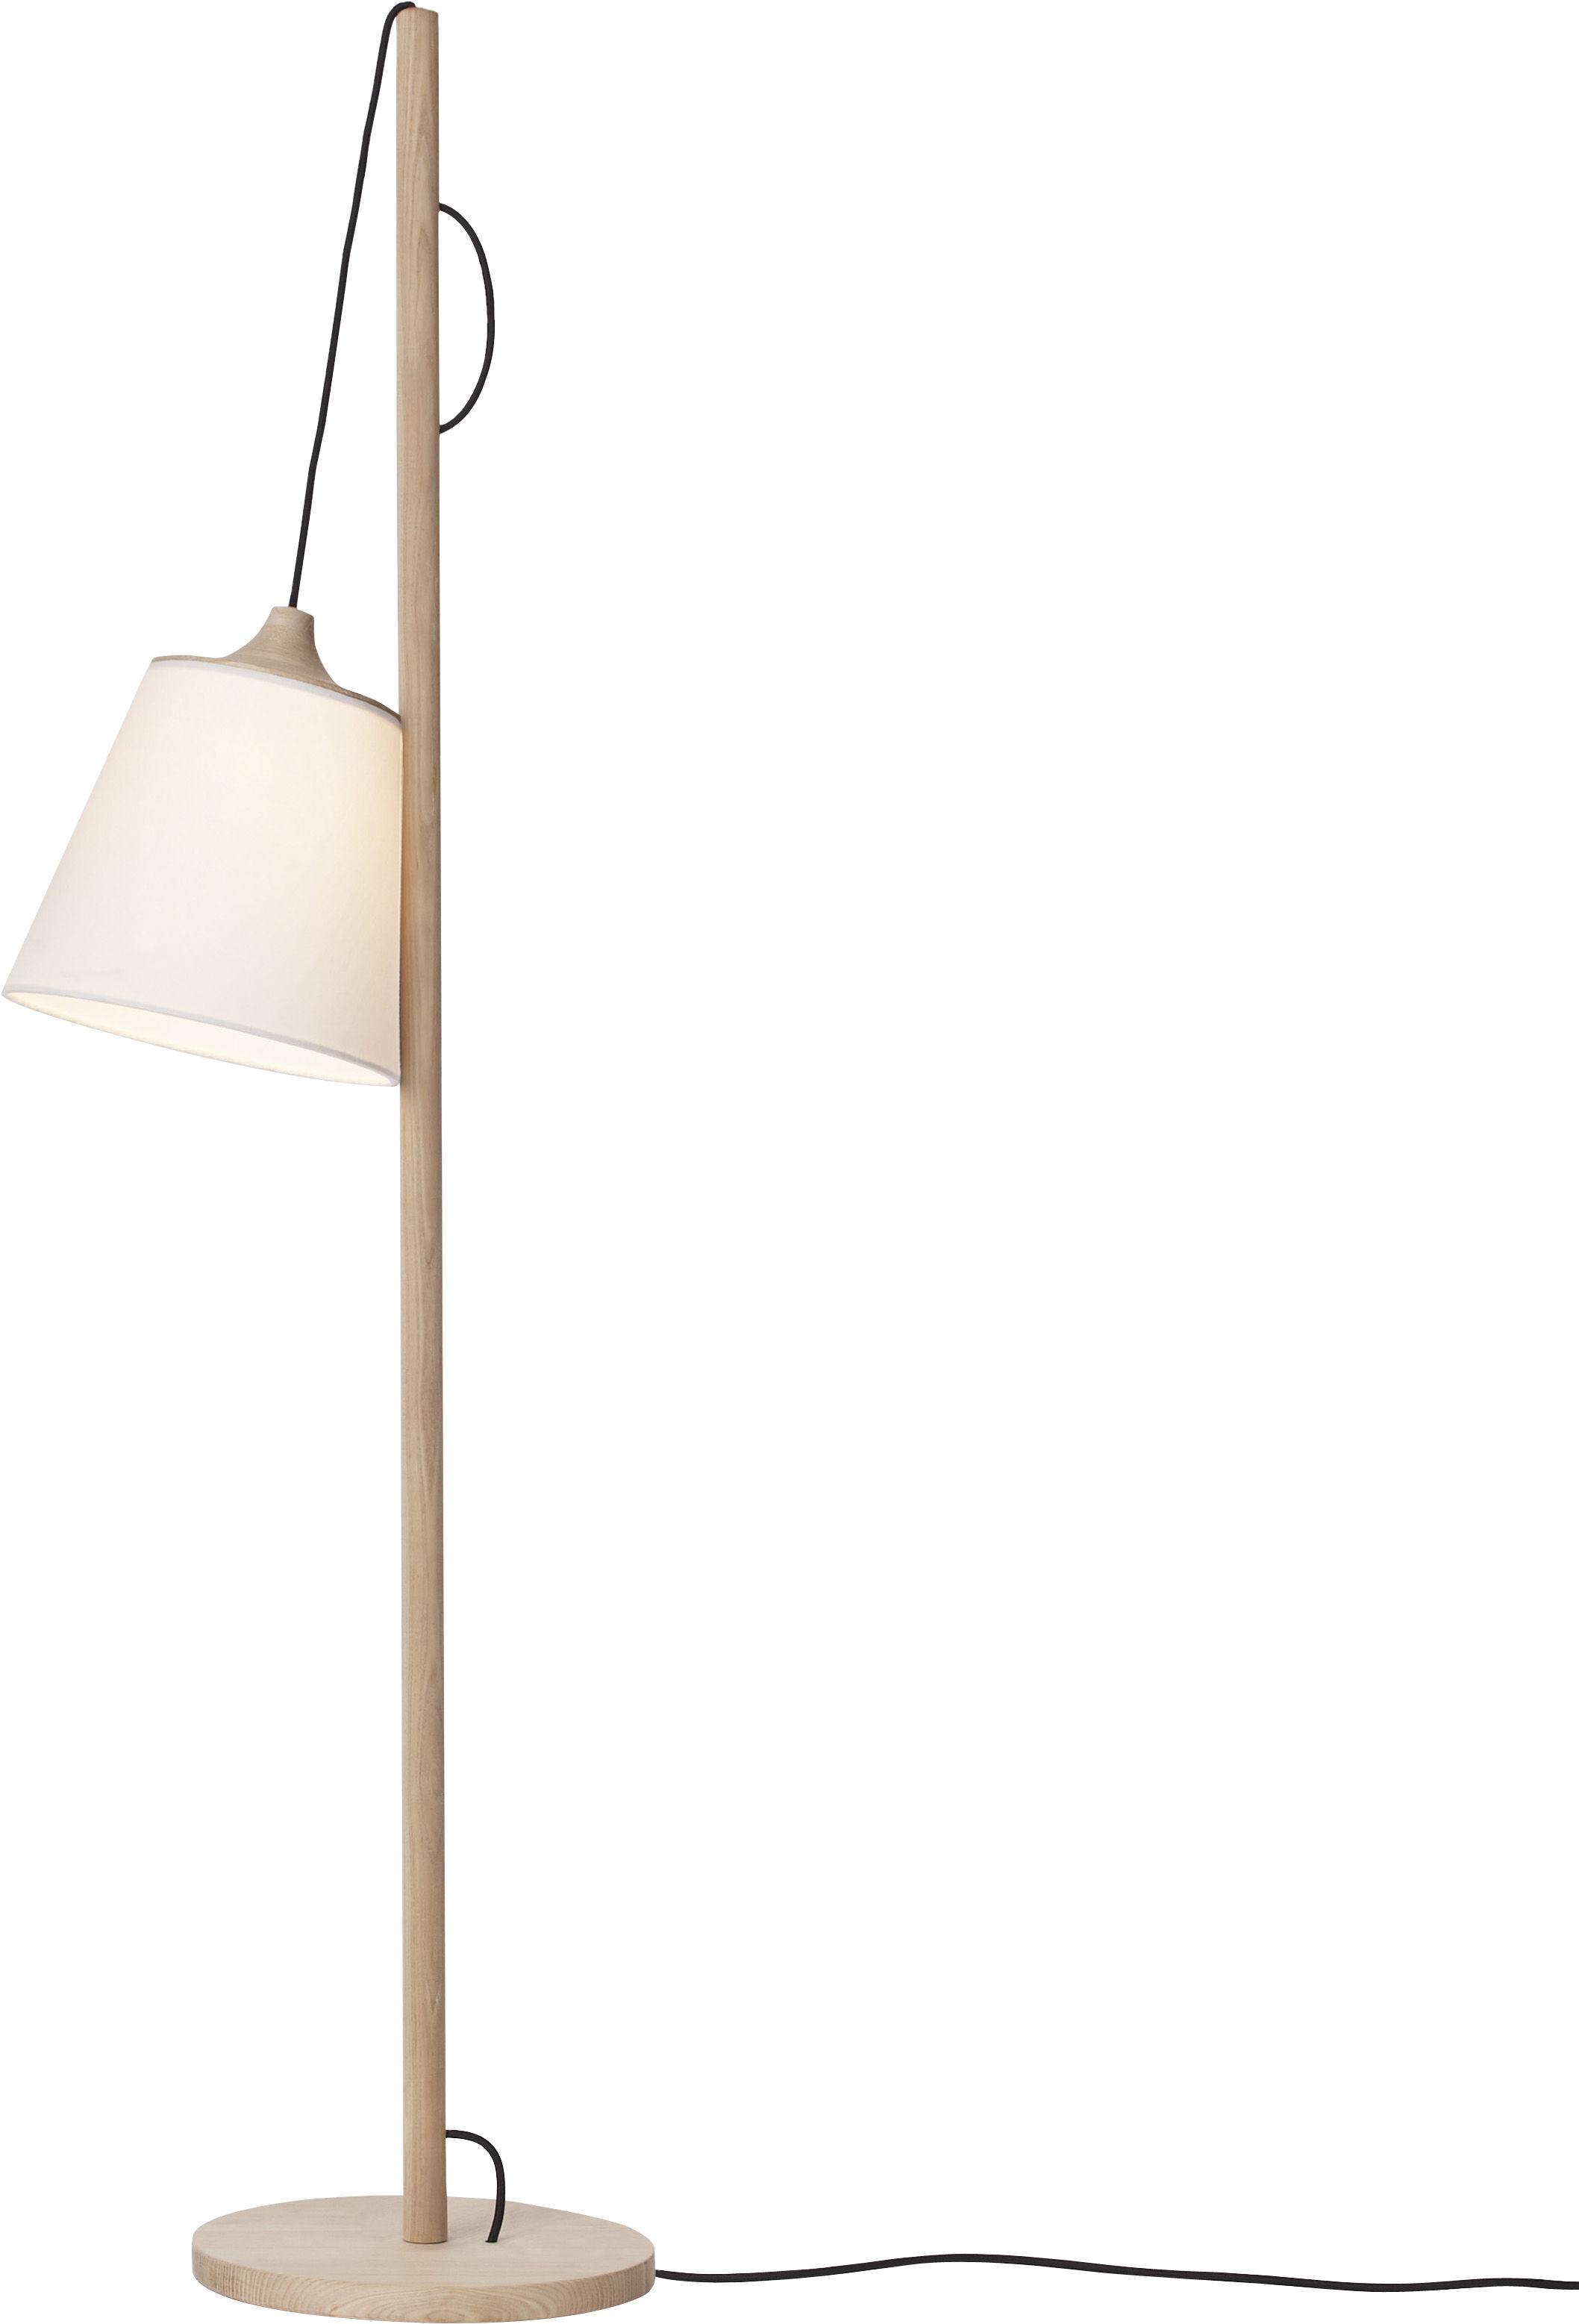 Illuminazione - Lampade da terra - Lampada a stelo Pull lamp di Muuto - Legno chiaro / paralume bianco - Frassino massello, Lino, Plastica